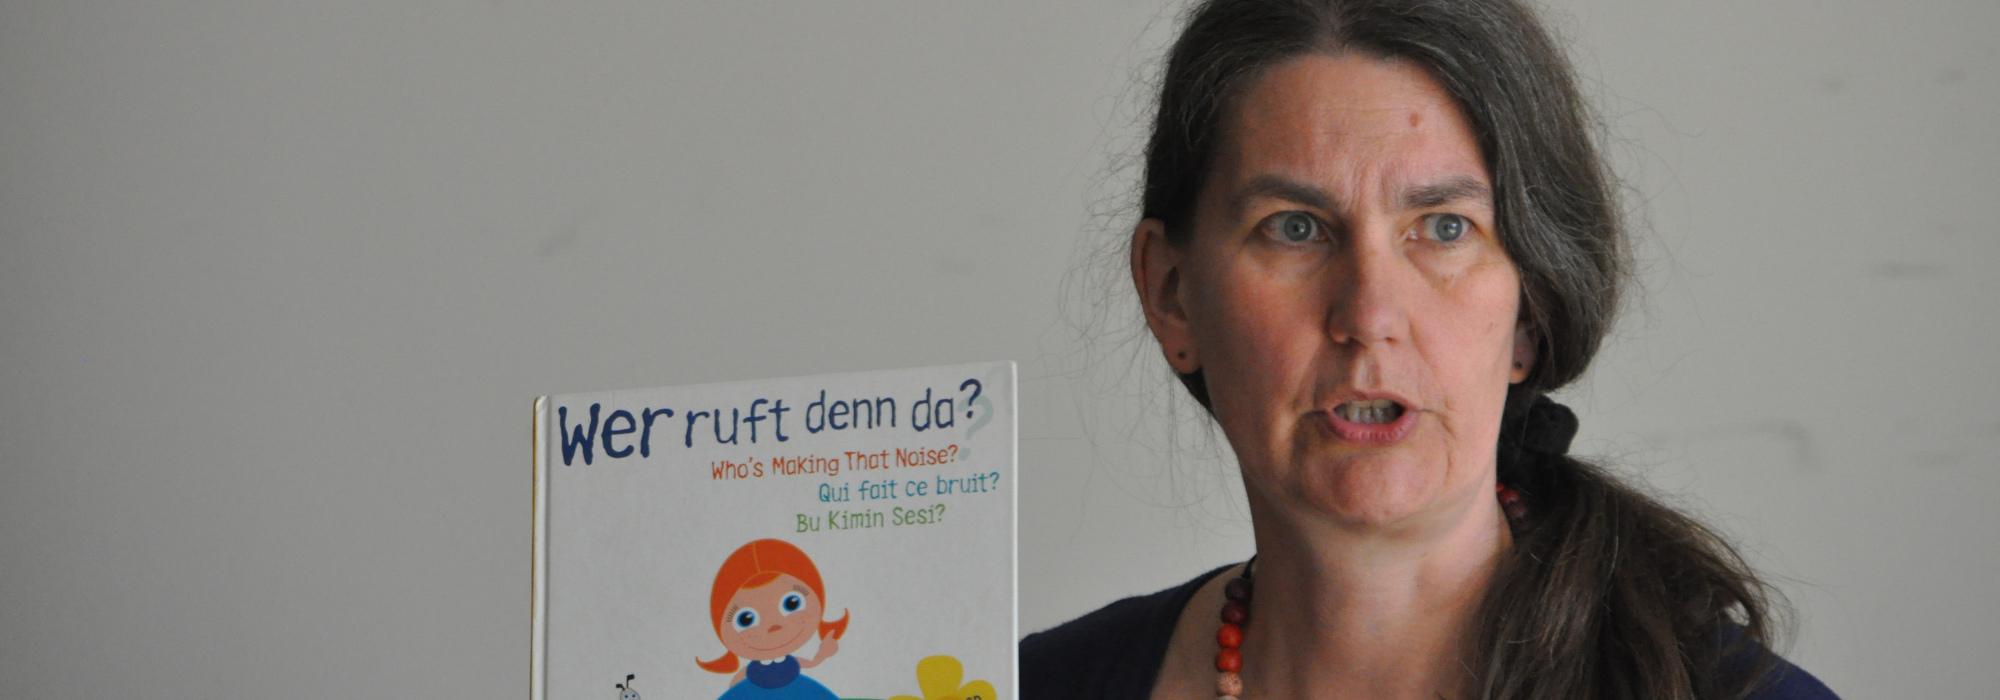 """Fortbildung """"Das Vorlesen mehrsprachig gestalten"""", Inter-Actions, Luxemburg, 21. März 2019"""